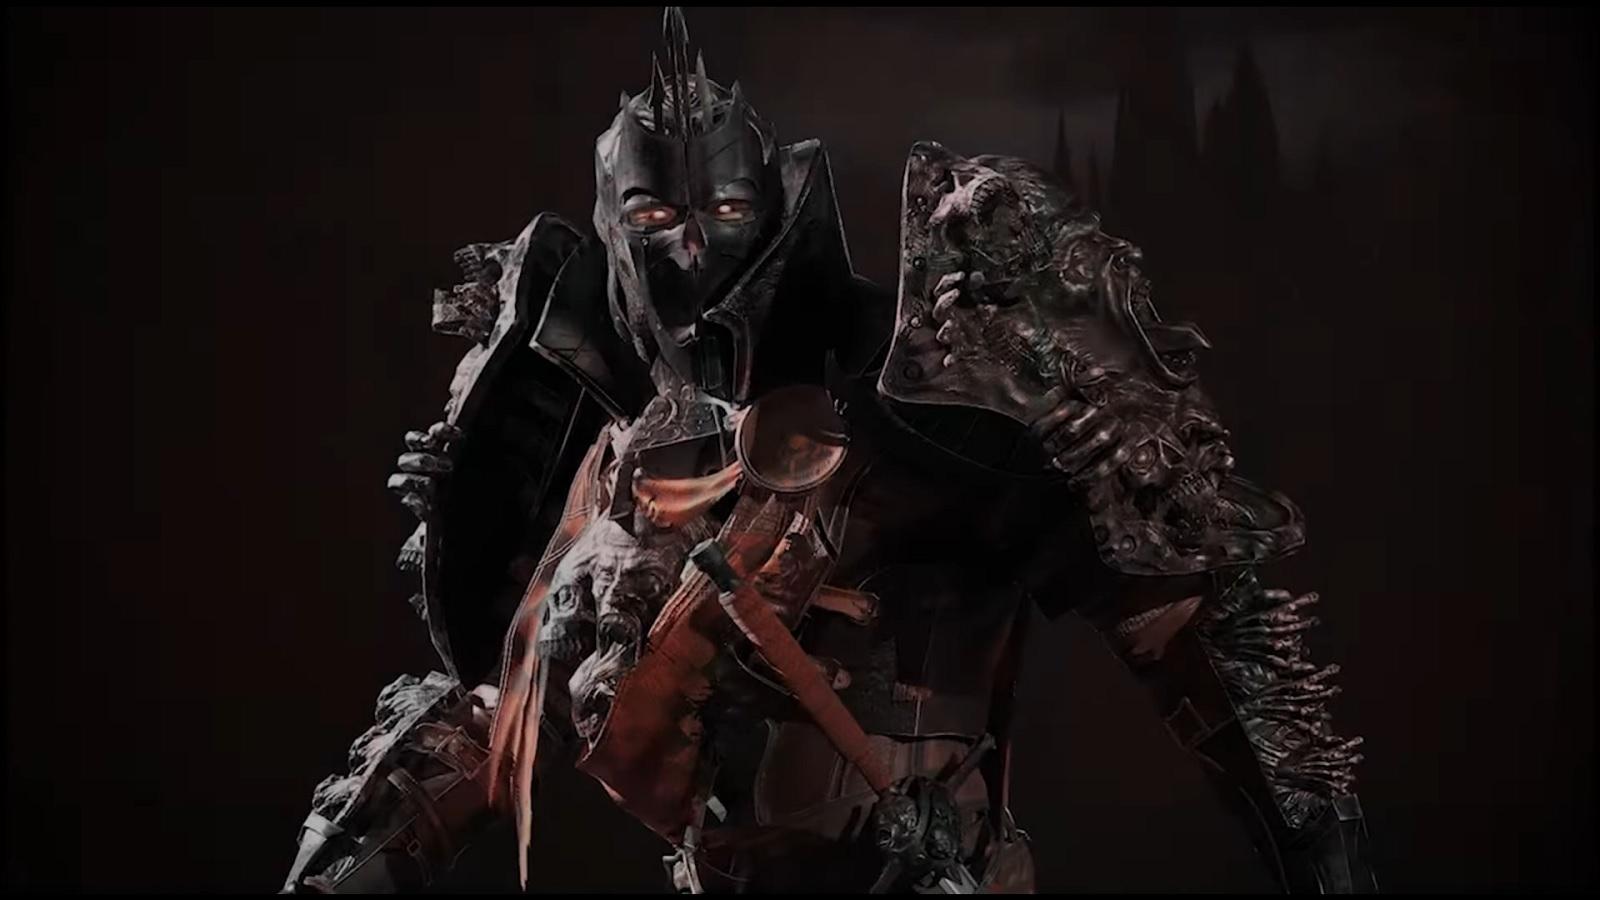 «Невиданная боевая система» и кровавый сюжет: анонсирован мрачный ролевой экшен Project Lilith